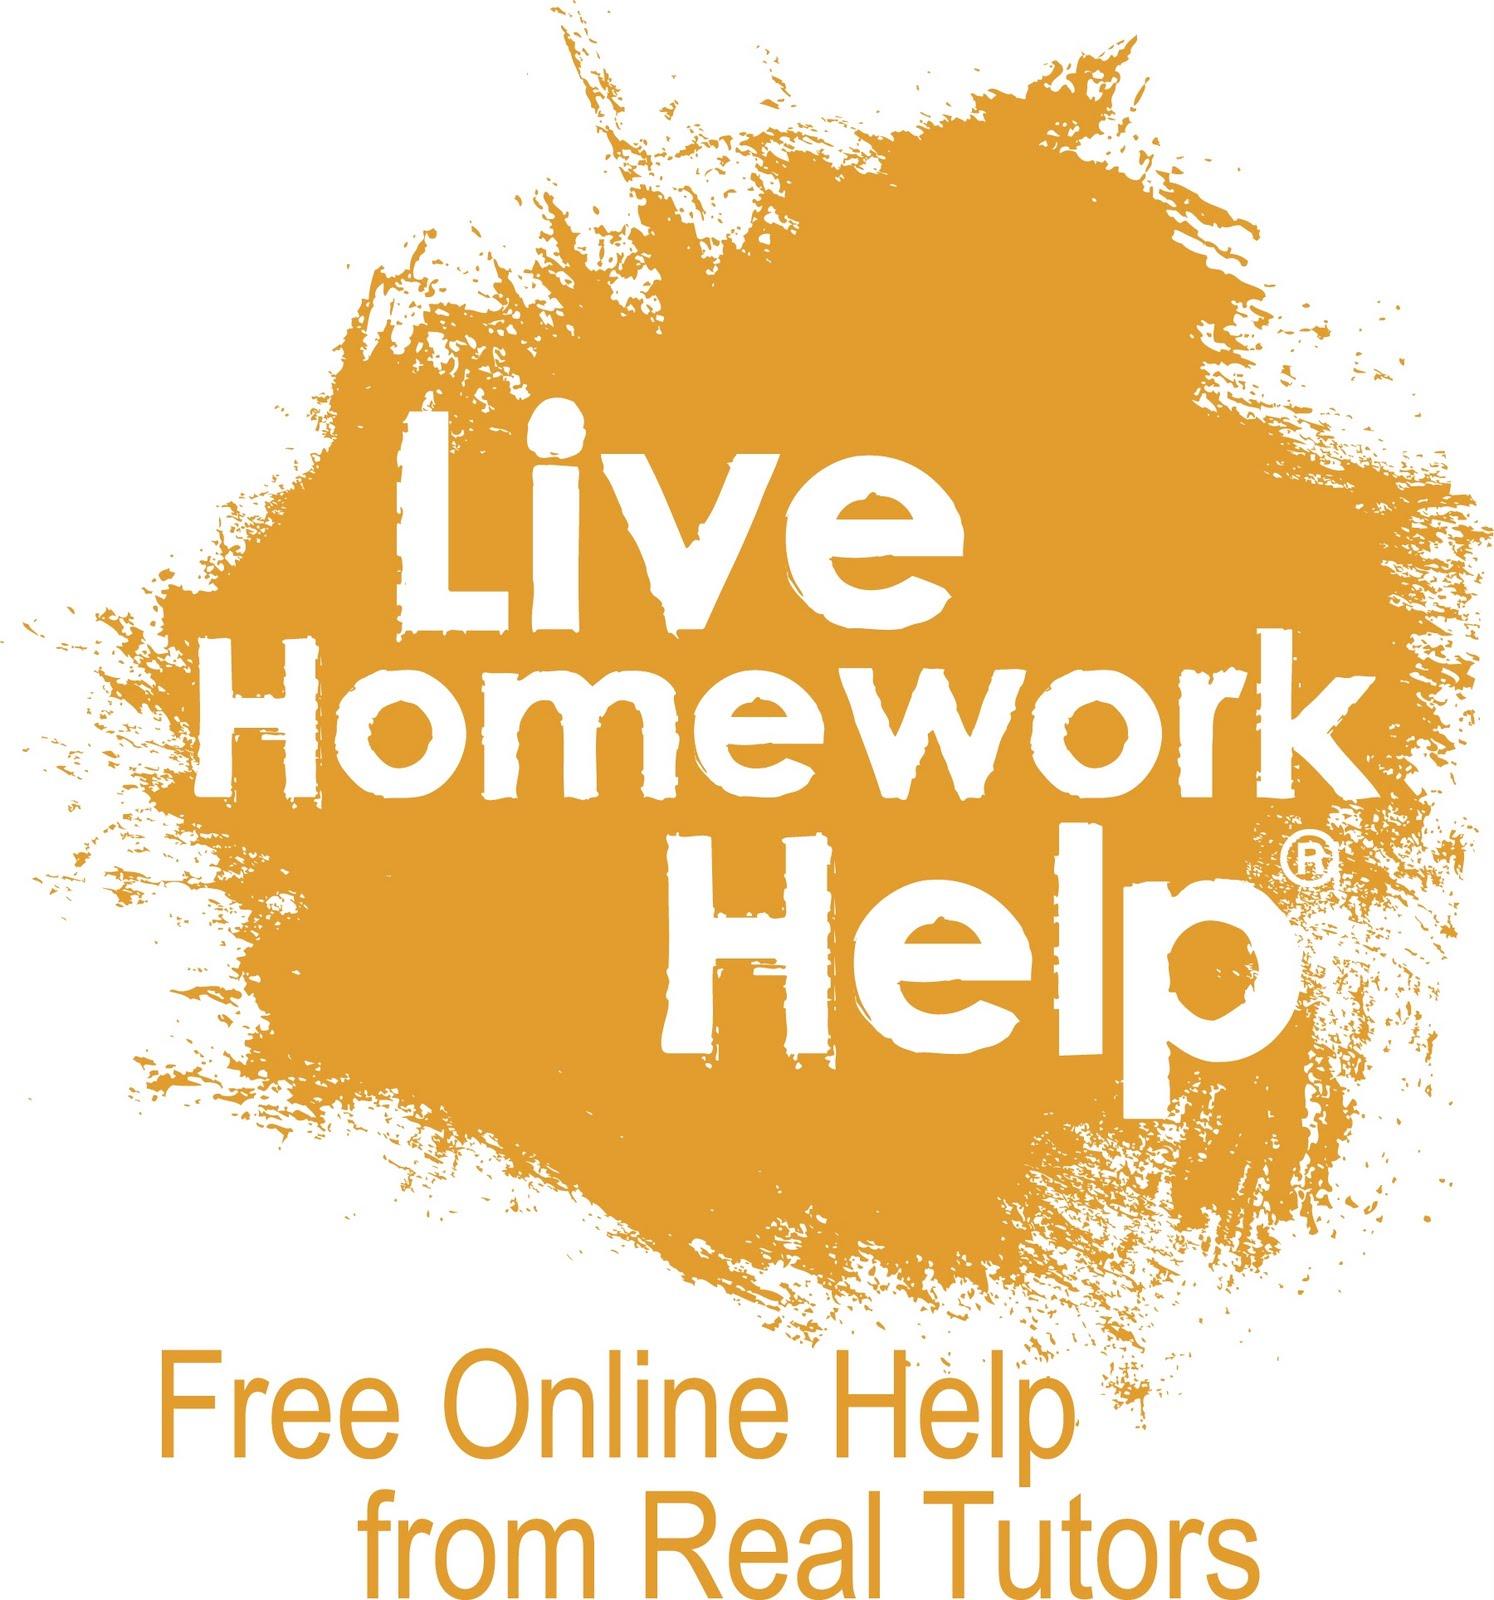 Ri homework help